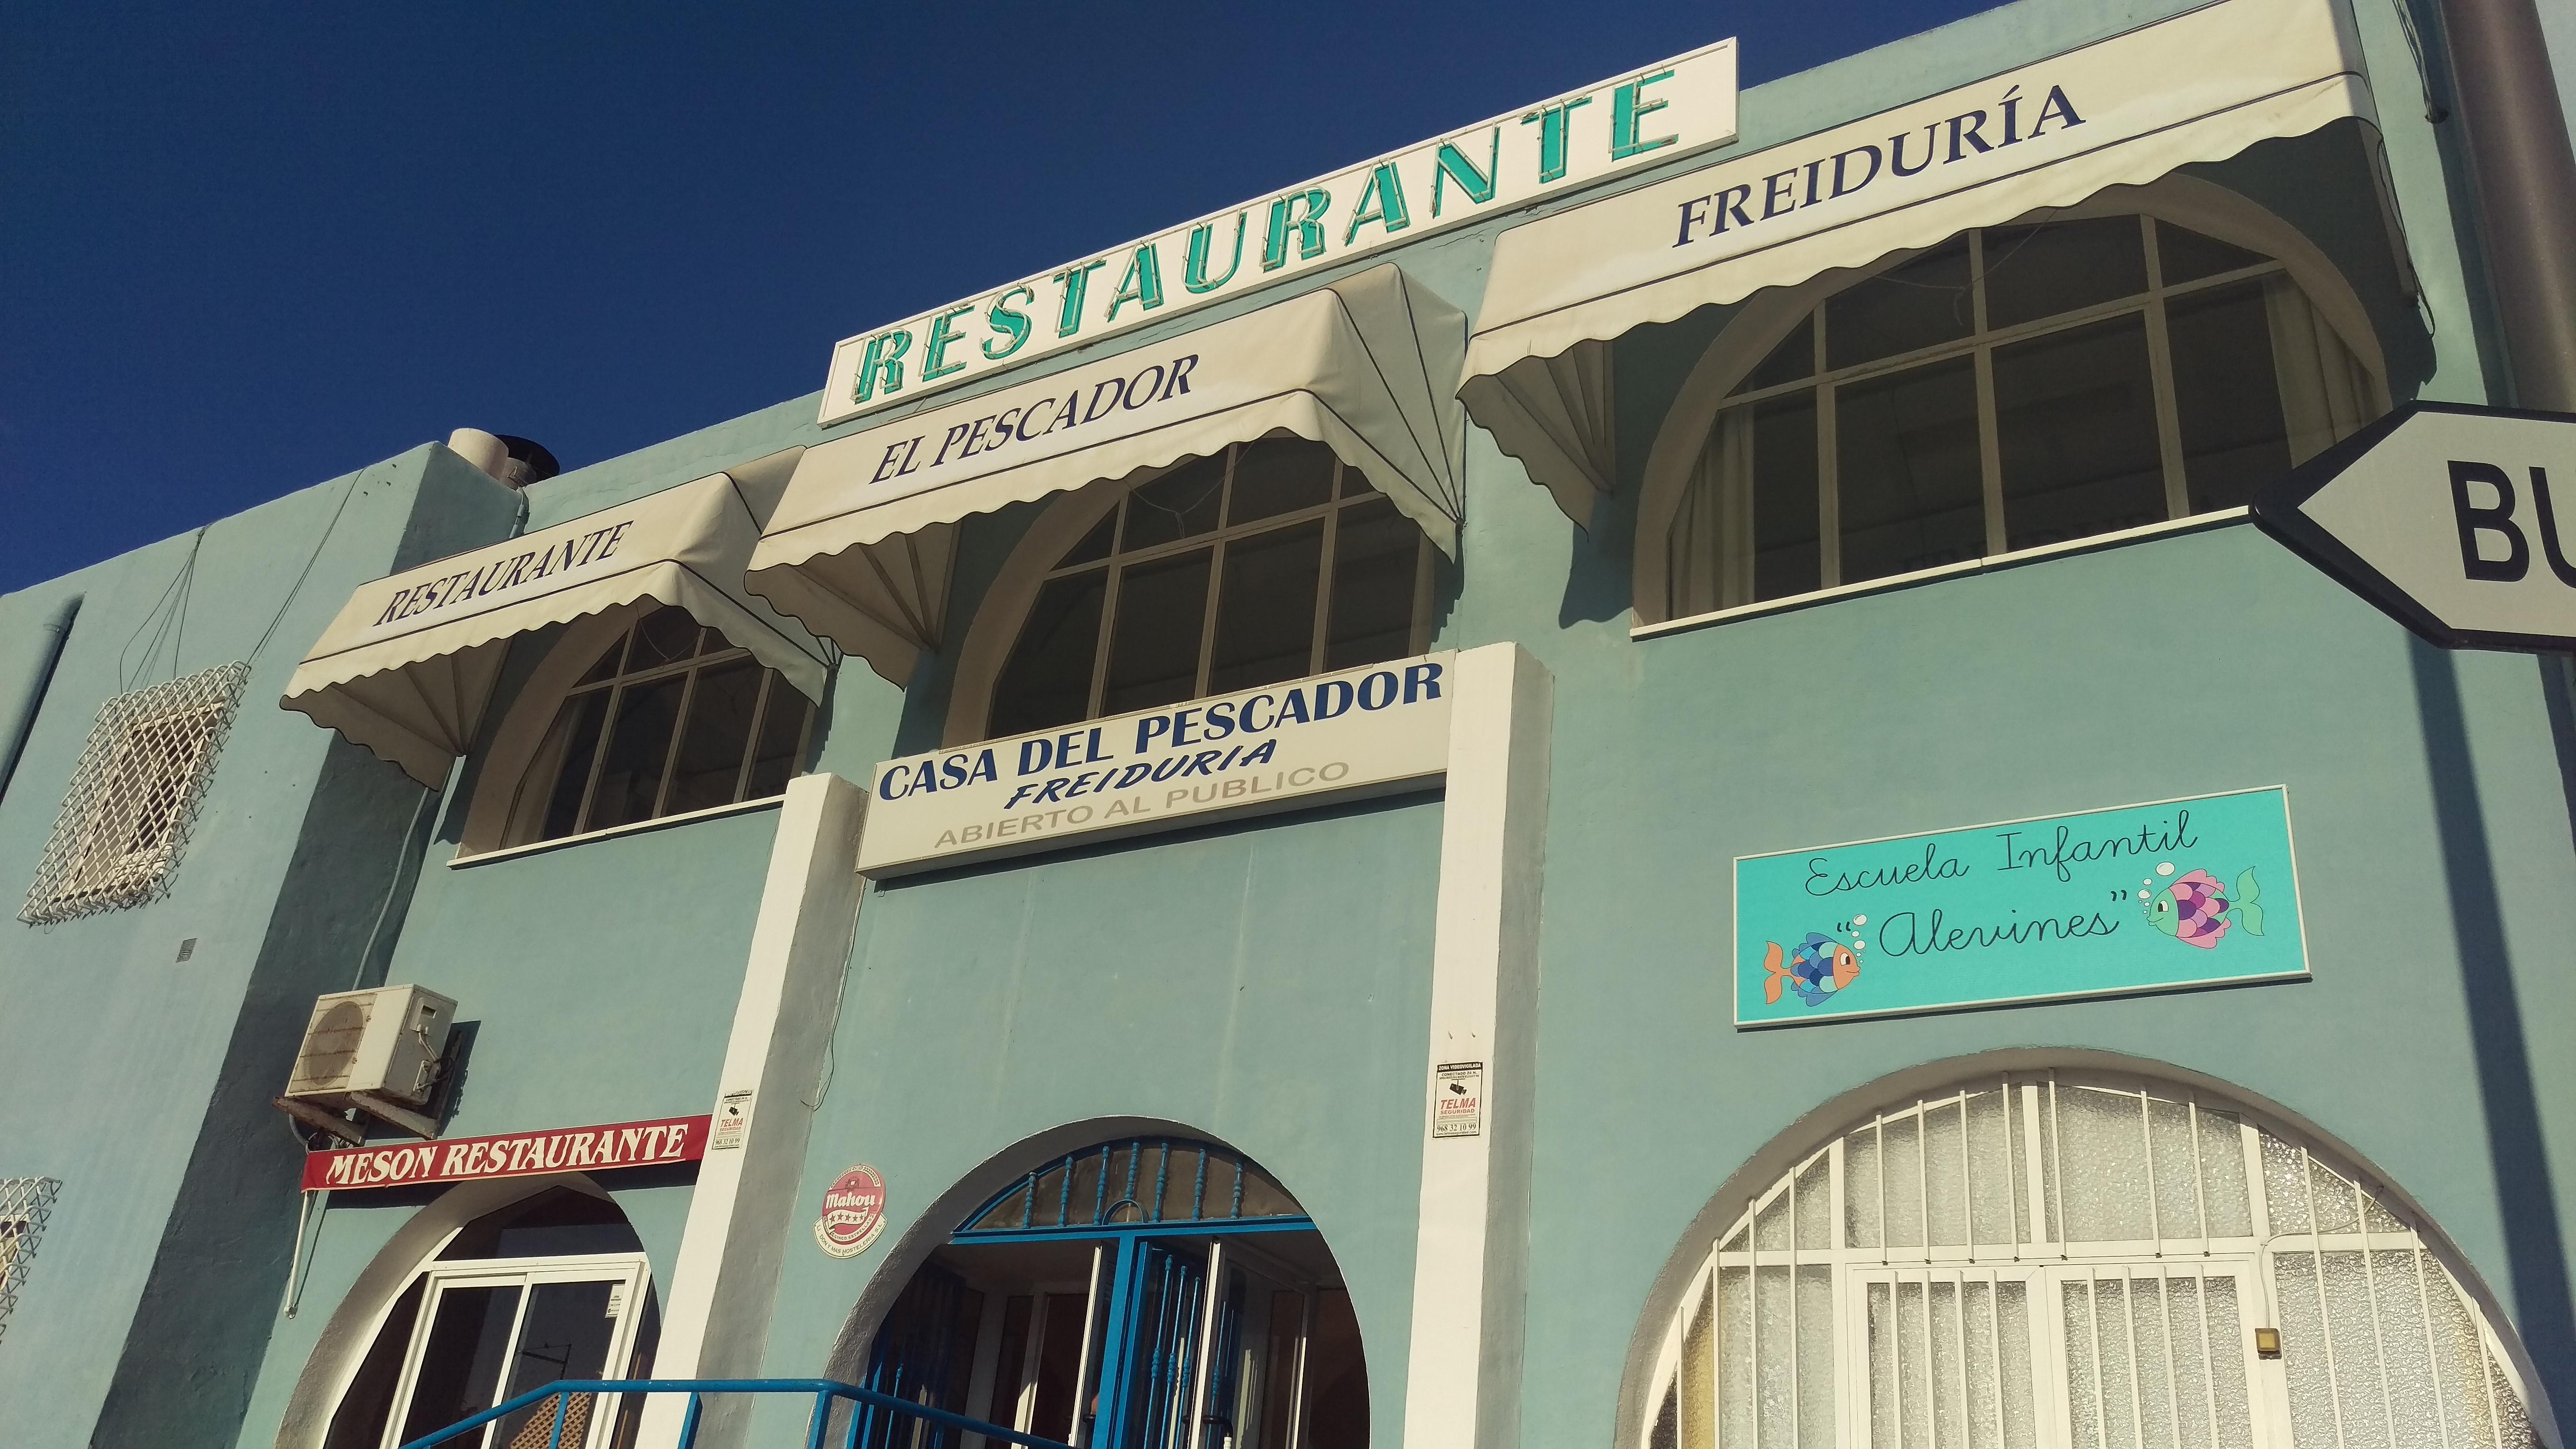 Restaurante LA CASA DEL PESCADOR